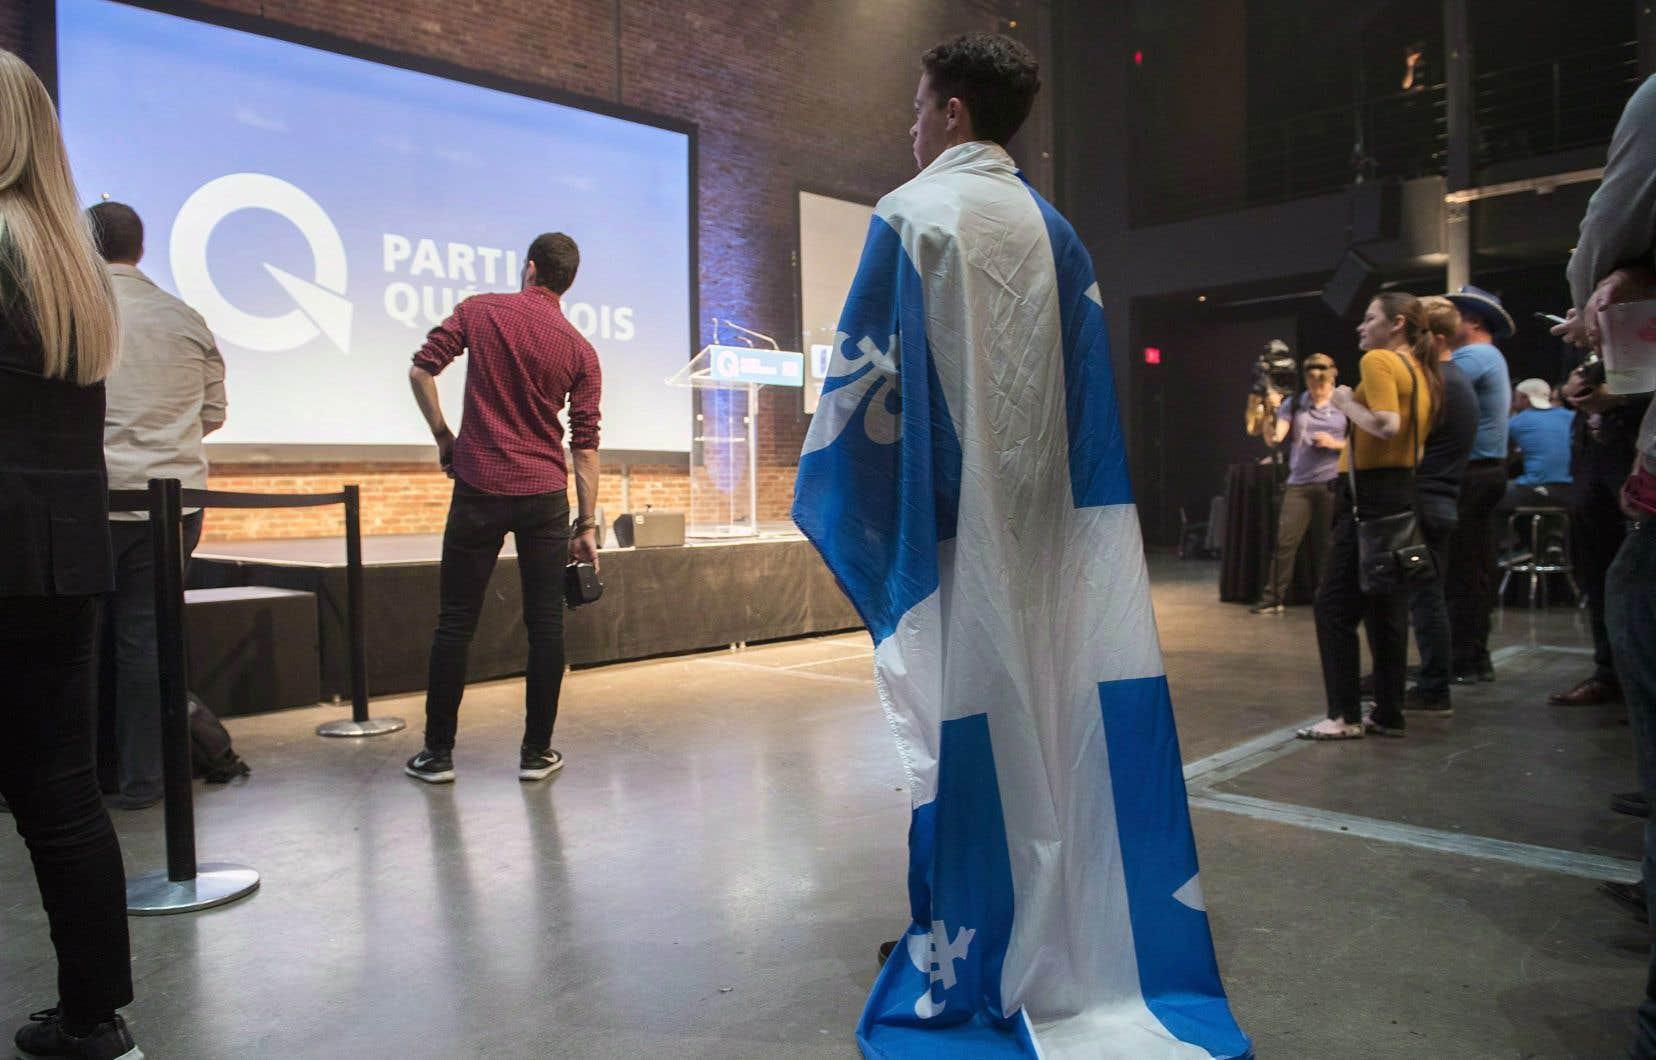 Un jeune sympathisant du Parti québécois scrute les résultats, lors de la soirée électorale du 1er octobre dernier, qui s'est soldée par une défaite importante pour la formation politique indépendantiste.